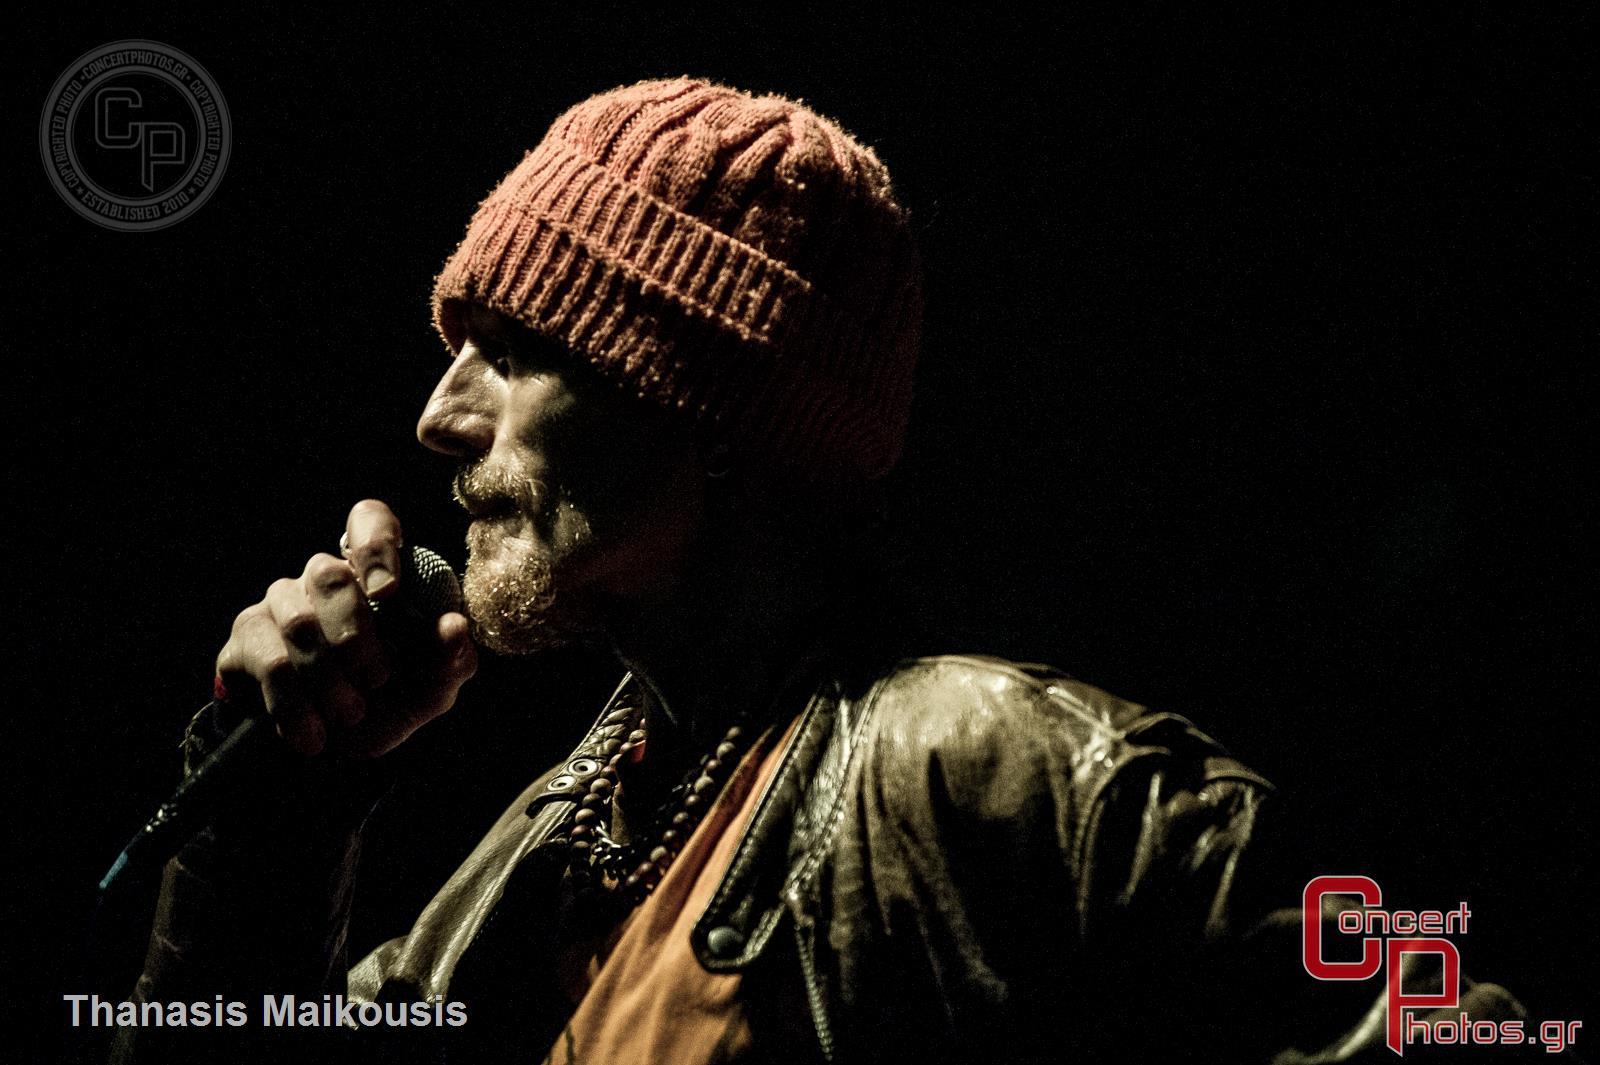 Stereo Mc's-Stereo Mcs photographer: Thanasis Maikousis - ConcertPhotos - 20141129_2319_35